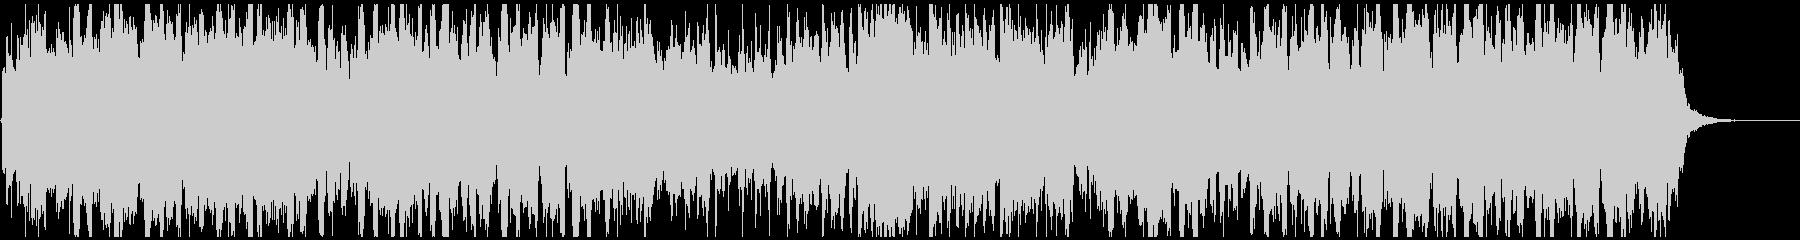 篠笛生録の和風EDM、フューチャーベースの未再生の波形